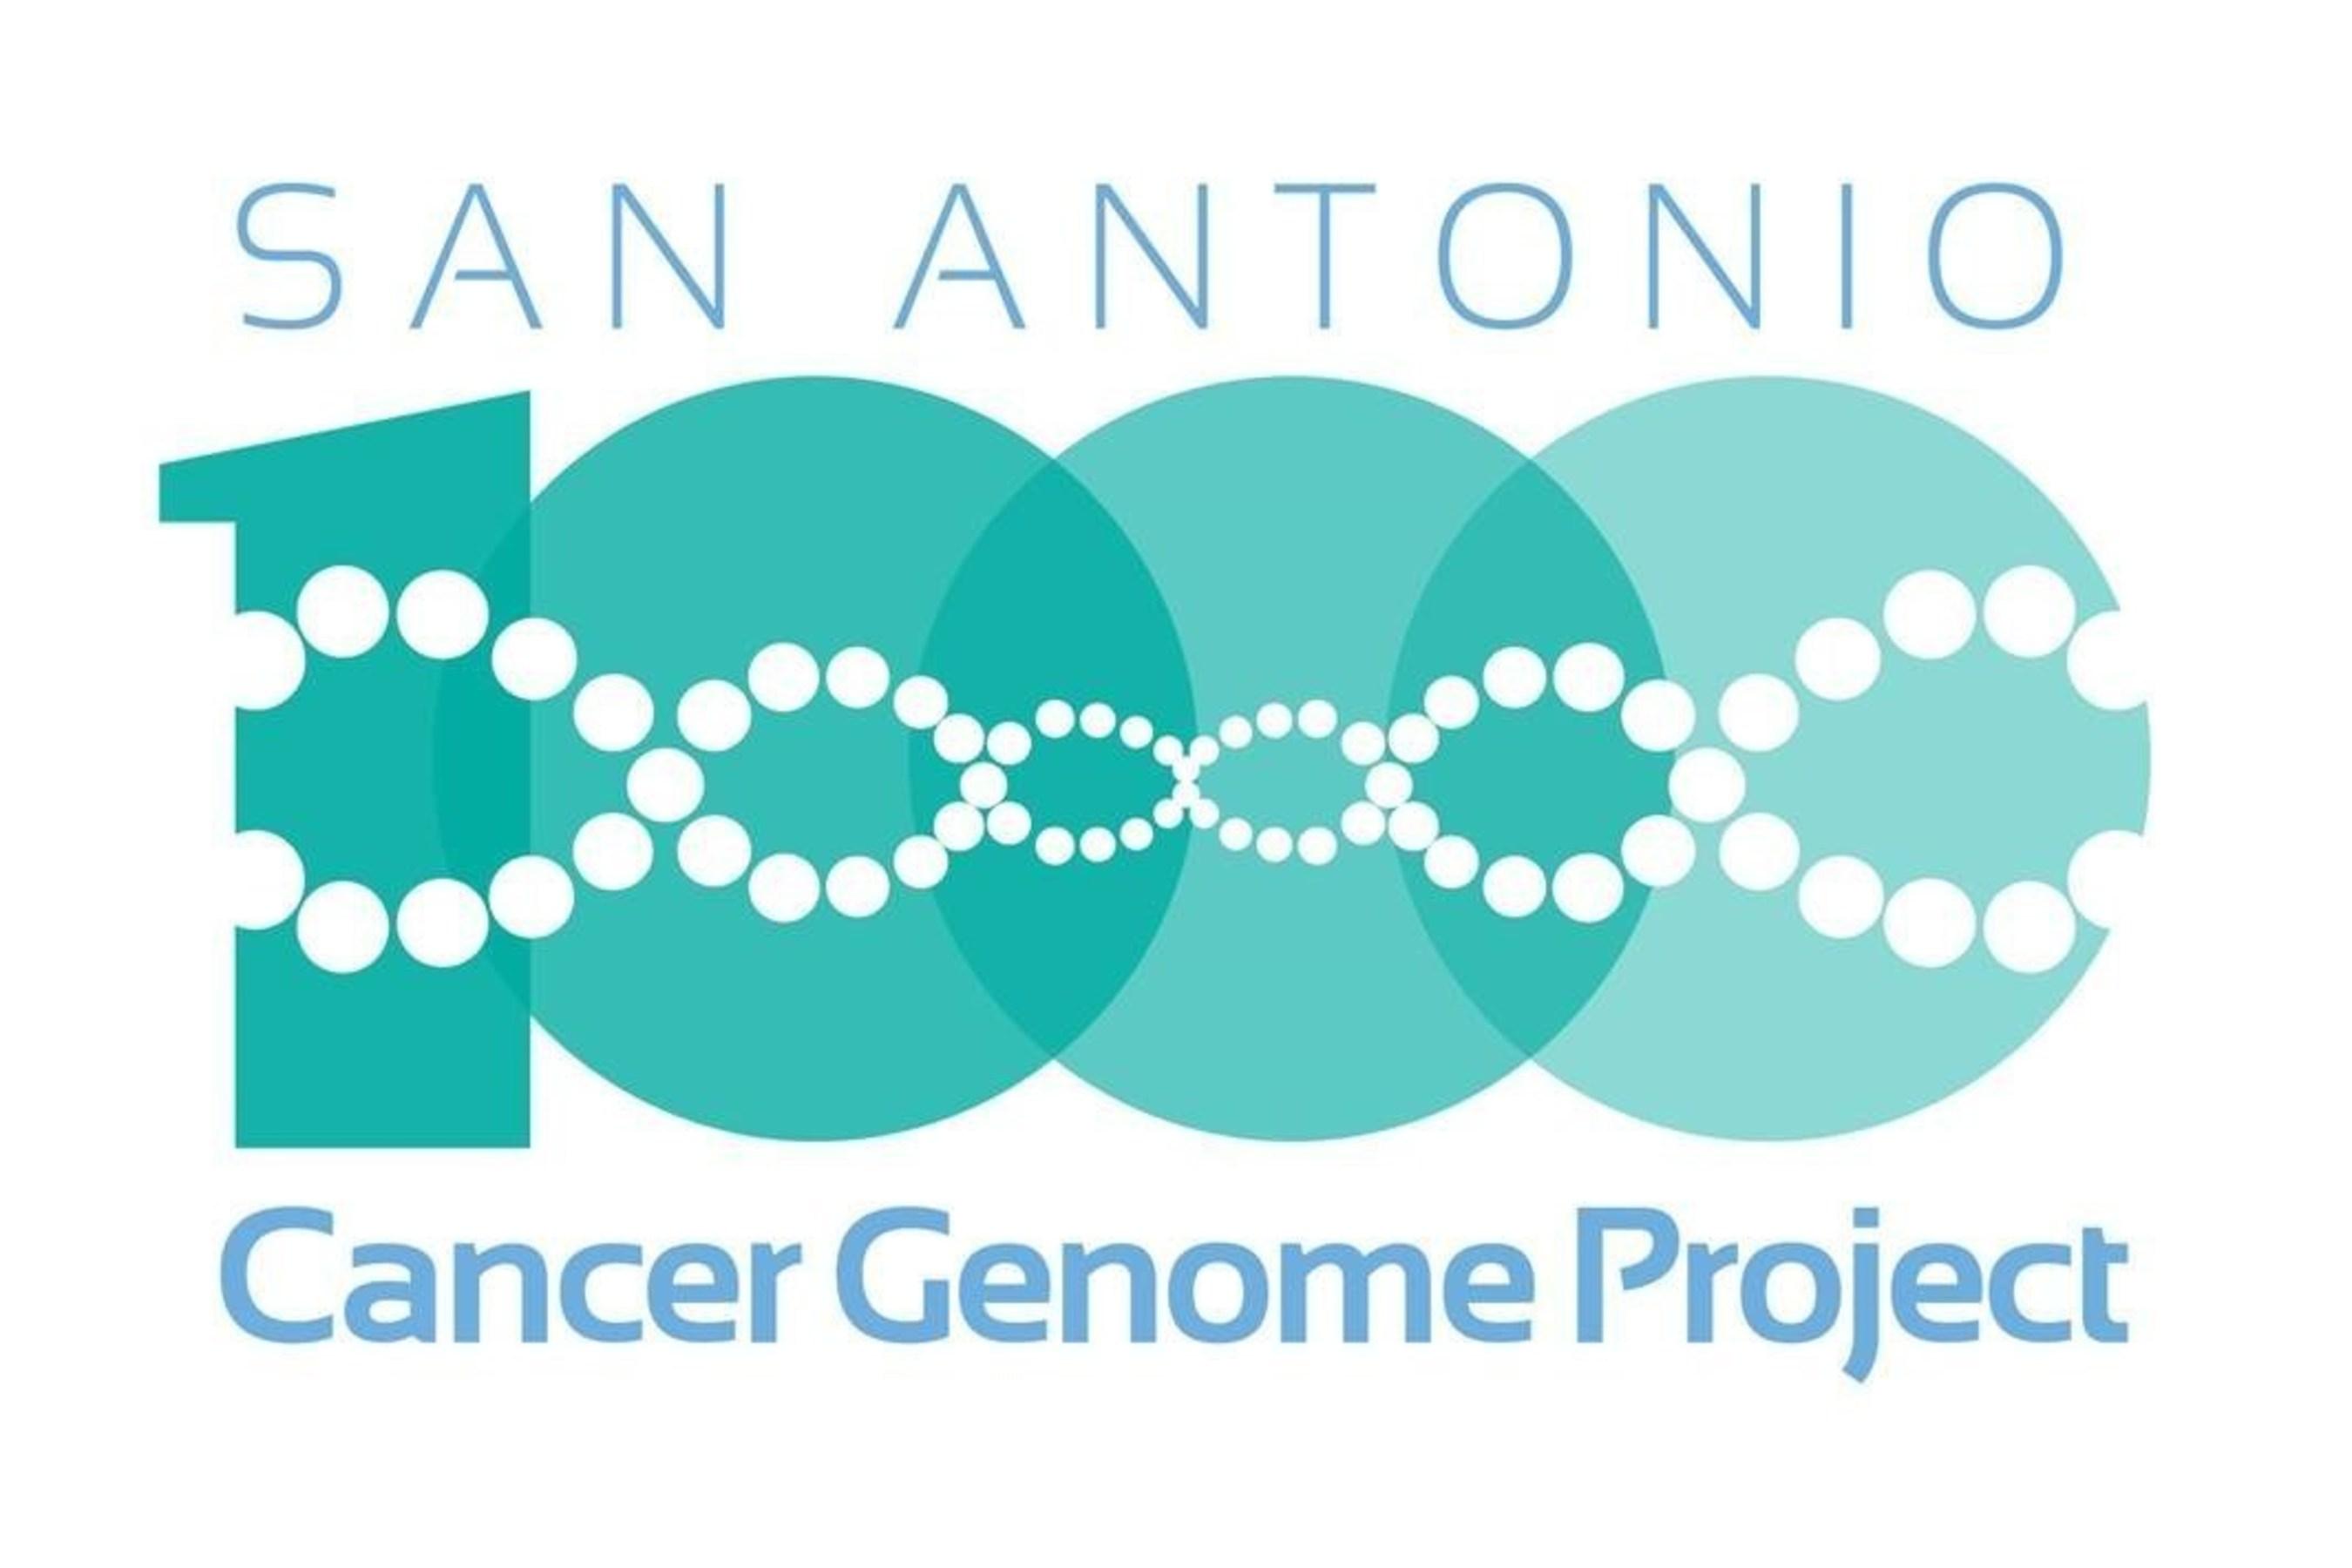 San Antonio 1000 Cancer Genome Project